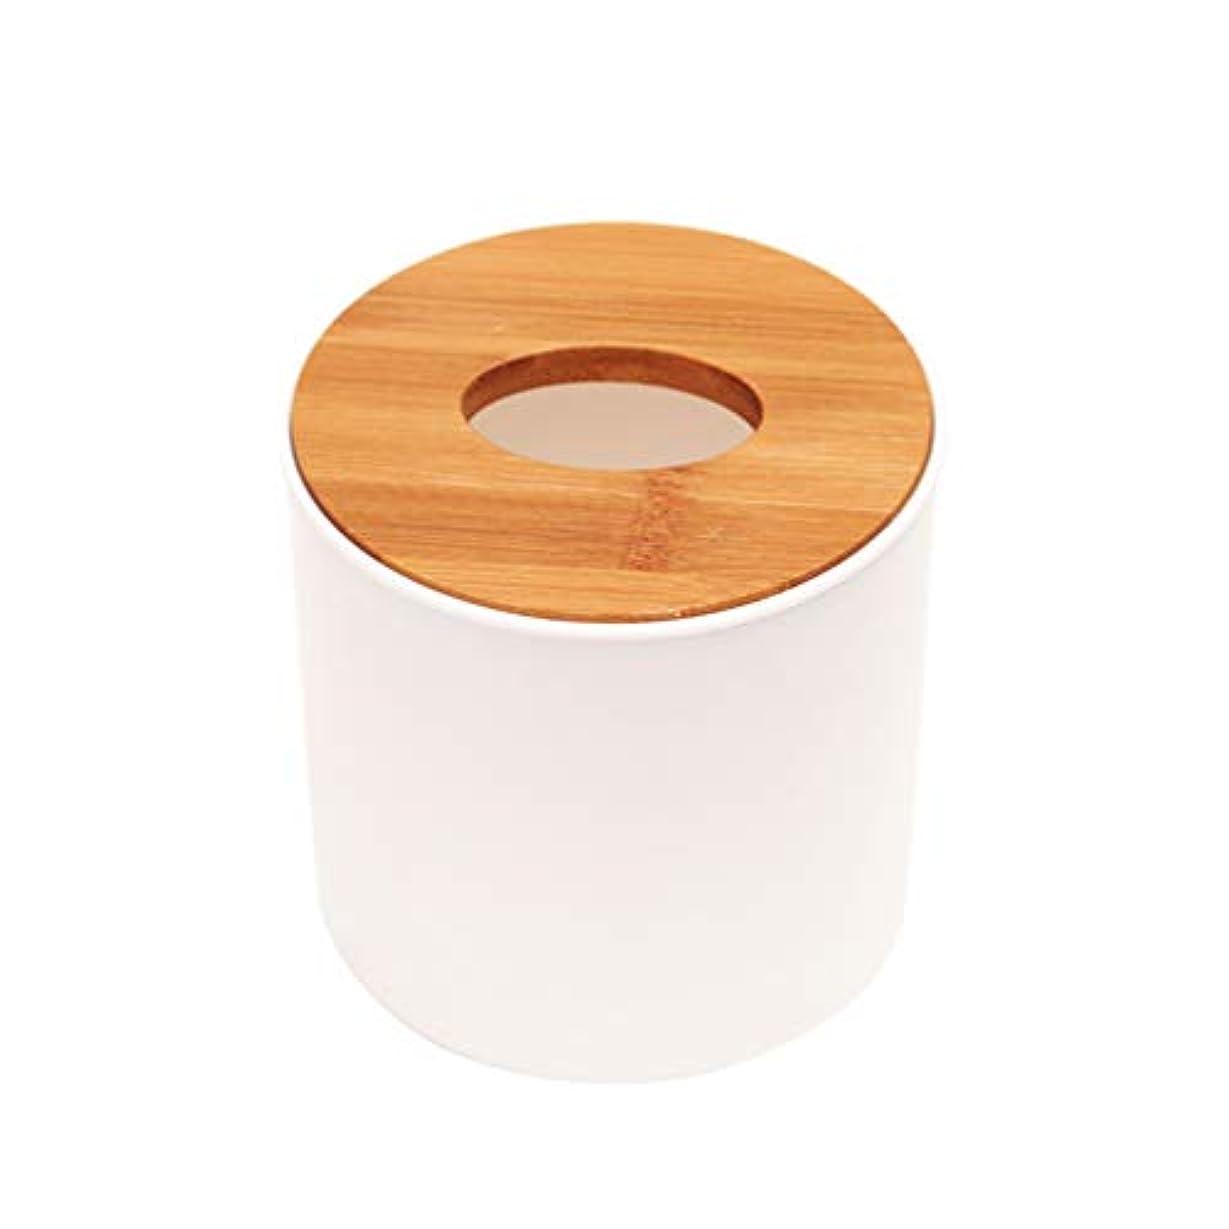 含意スクラッチガイドラインTOPBATHY 2ピースティッシュボックス円筒木製カバープラスチック耐久性のあるティッシュペーパーホルダーオフィスホーム用品白